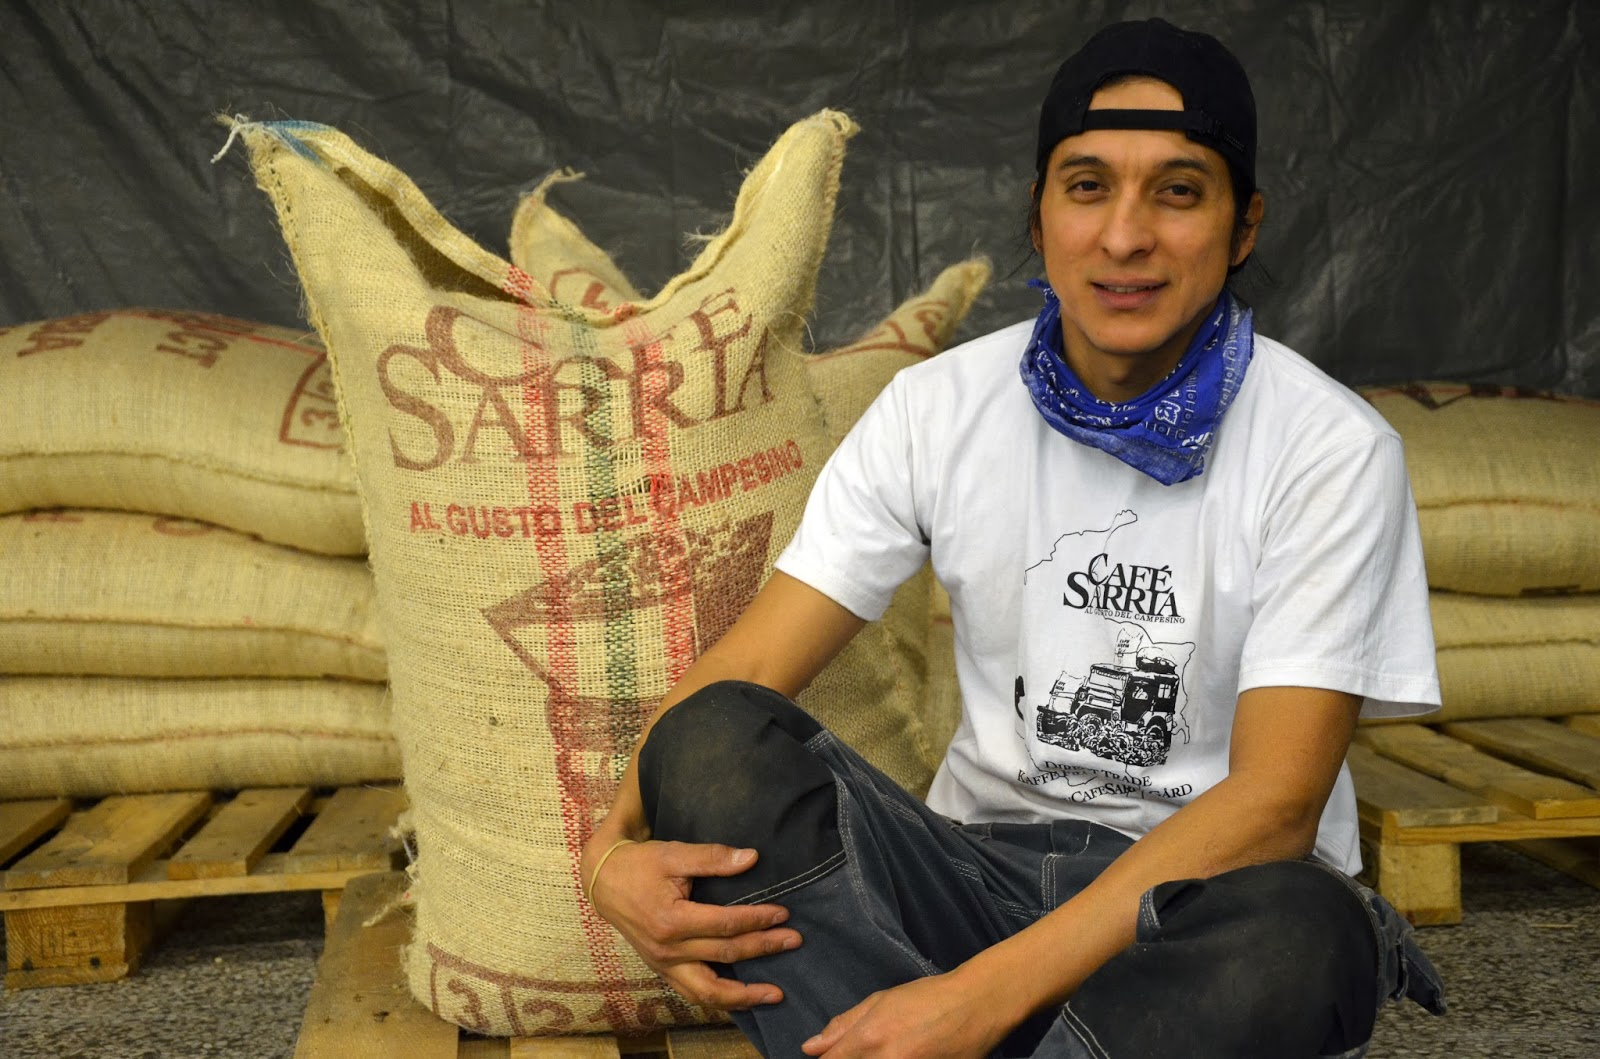 heber sarrias familj har odlat kaffebnor i sjlv kom han till gvle fr r sen men banden till r starka